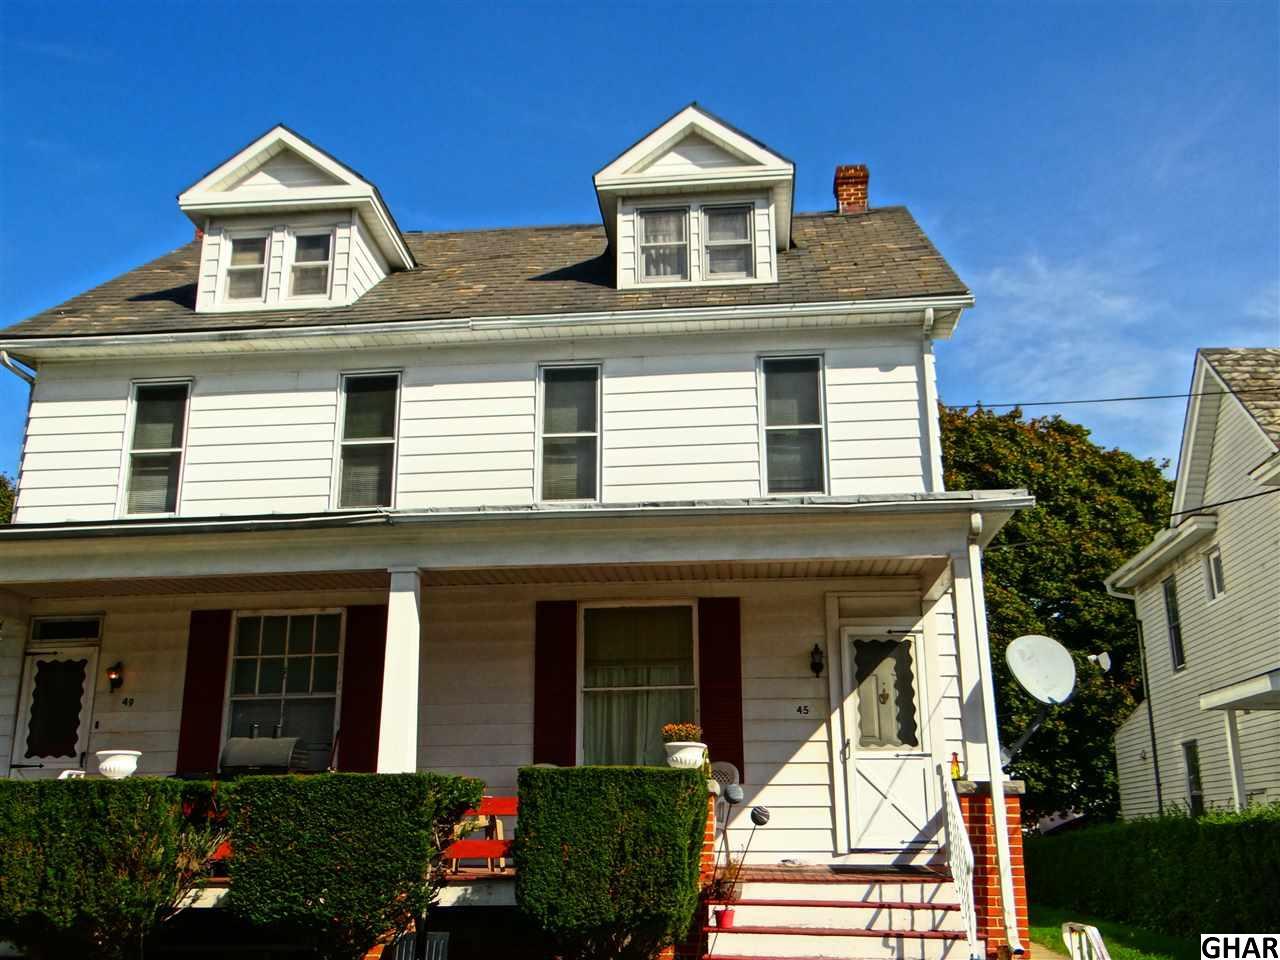 45 N 10th St, Lemoyne, PA 17043